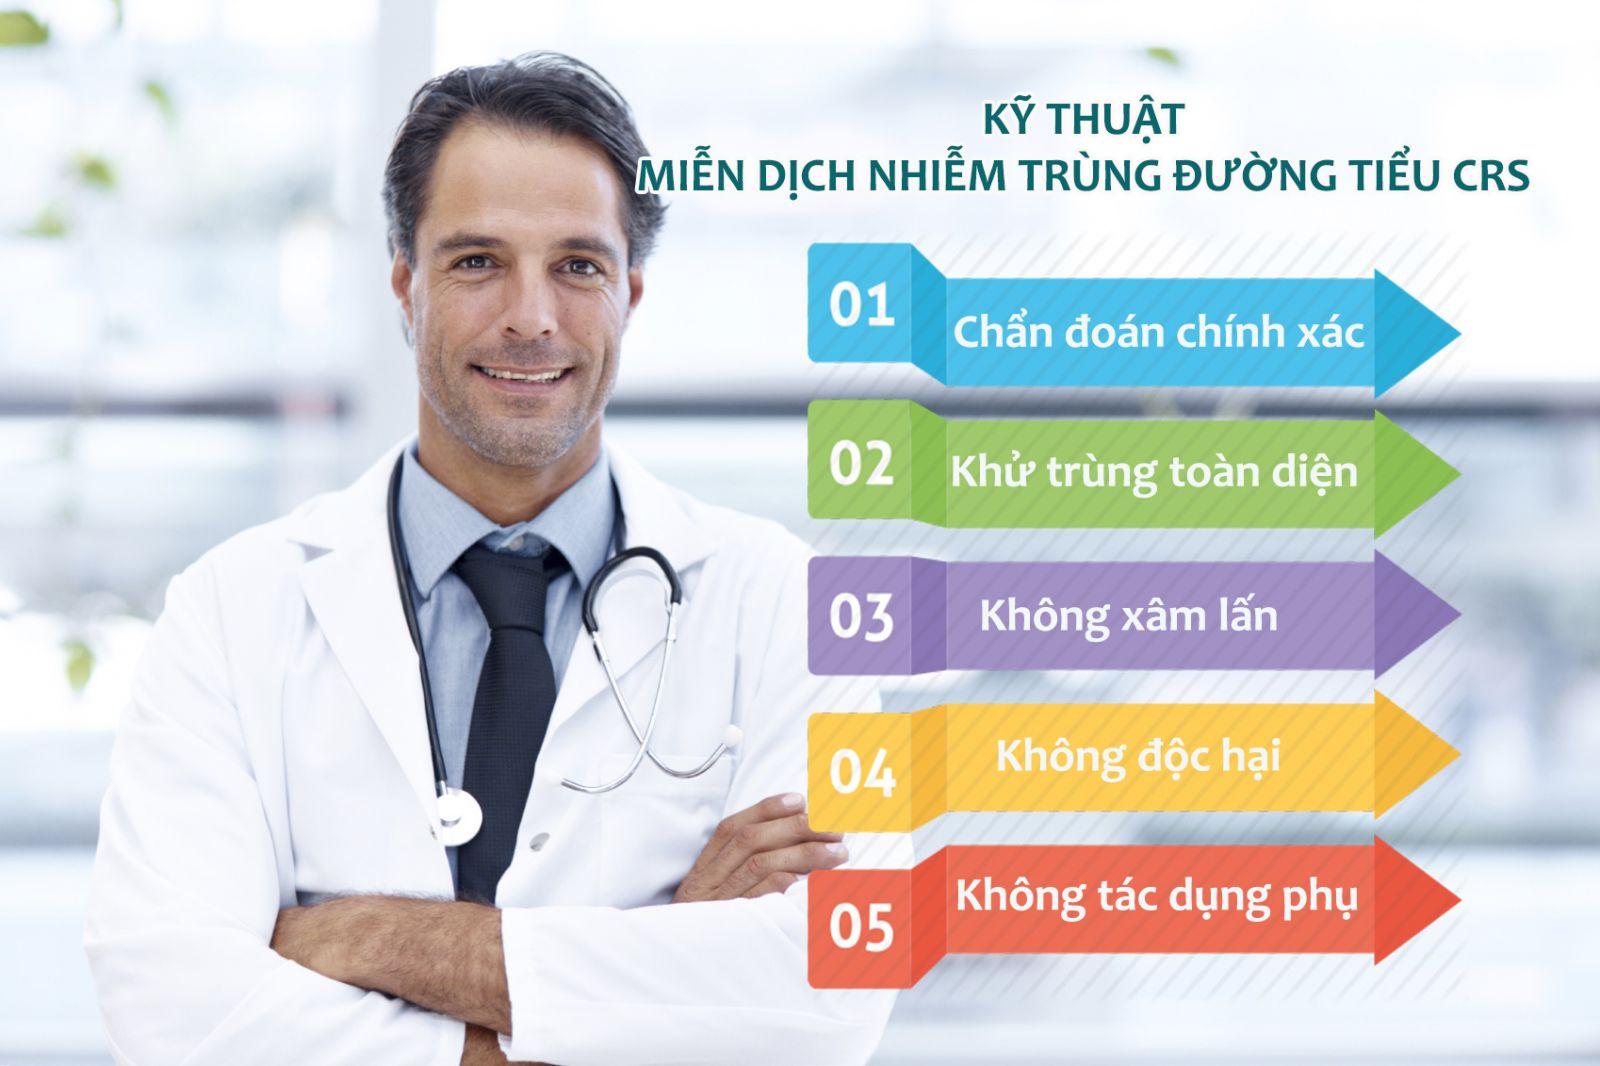 Phương pháp điều trị viêm niệu đạo hiệu quả nhất